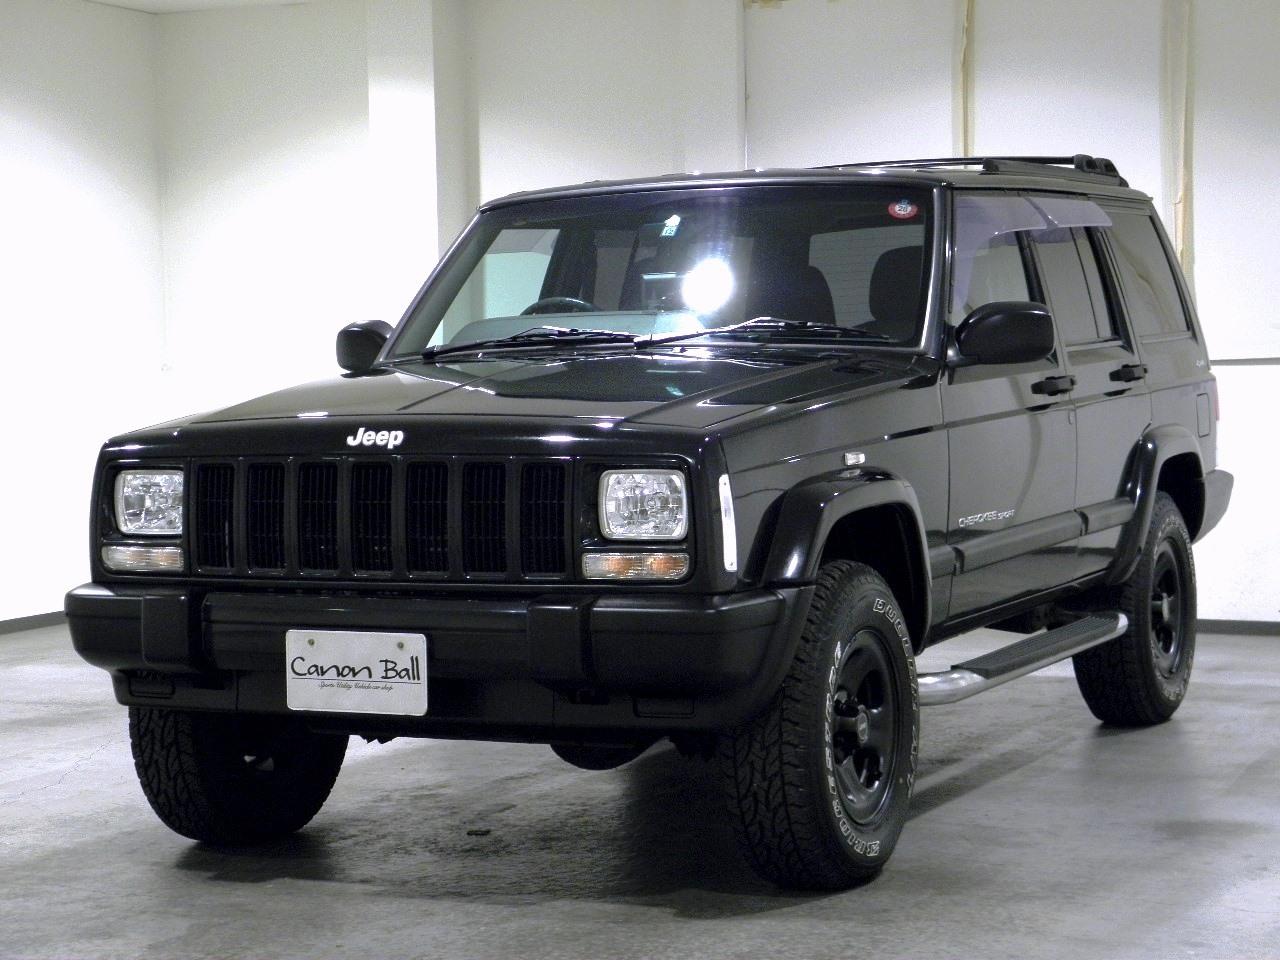 スポーツ XJ型Jeep最終モデル 社外ナビ キーレスエントリー のイメージ画像です